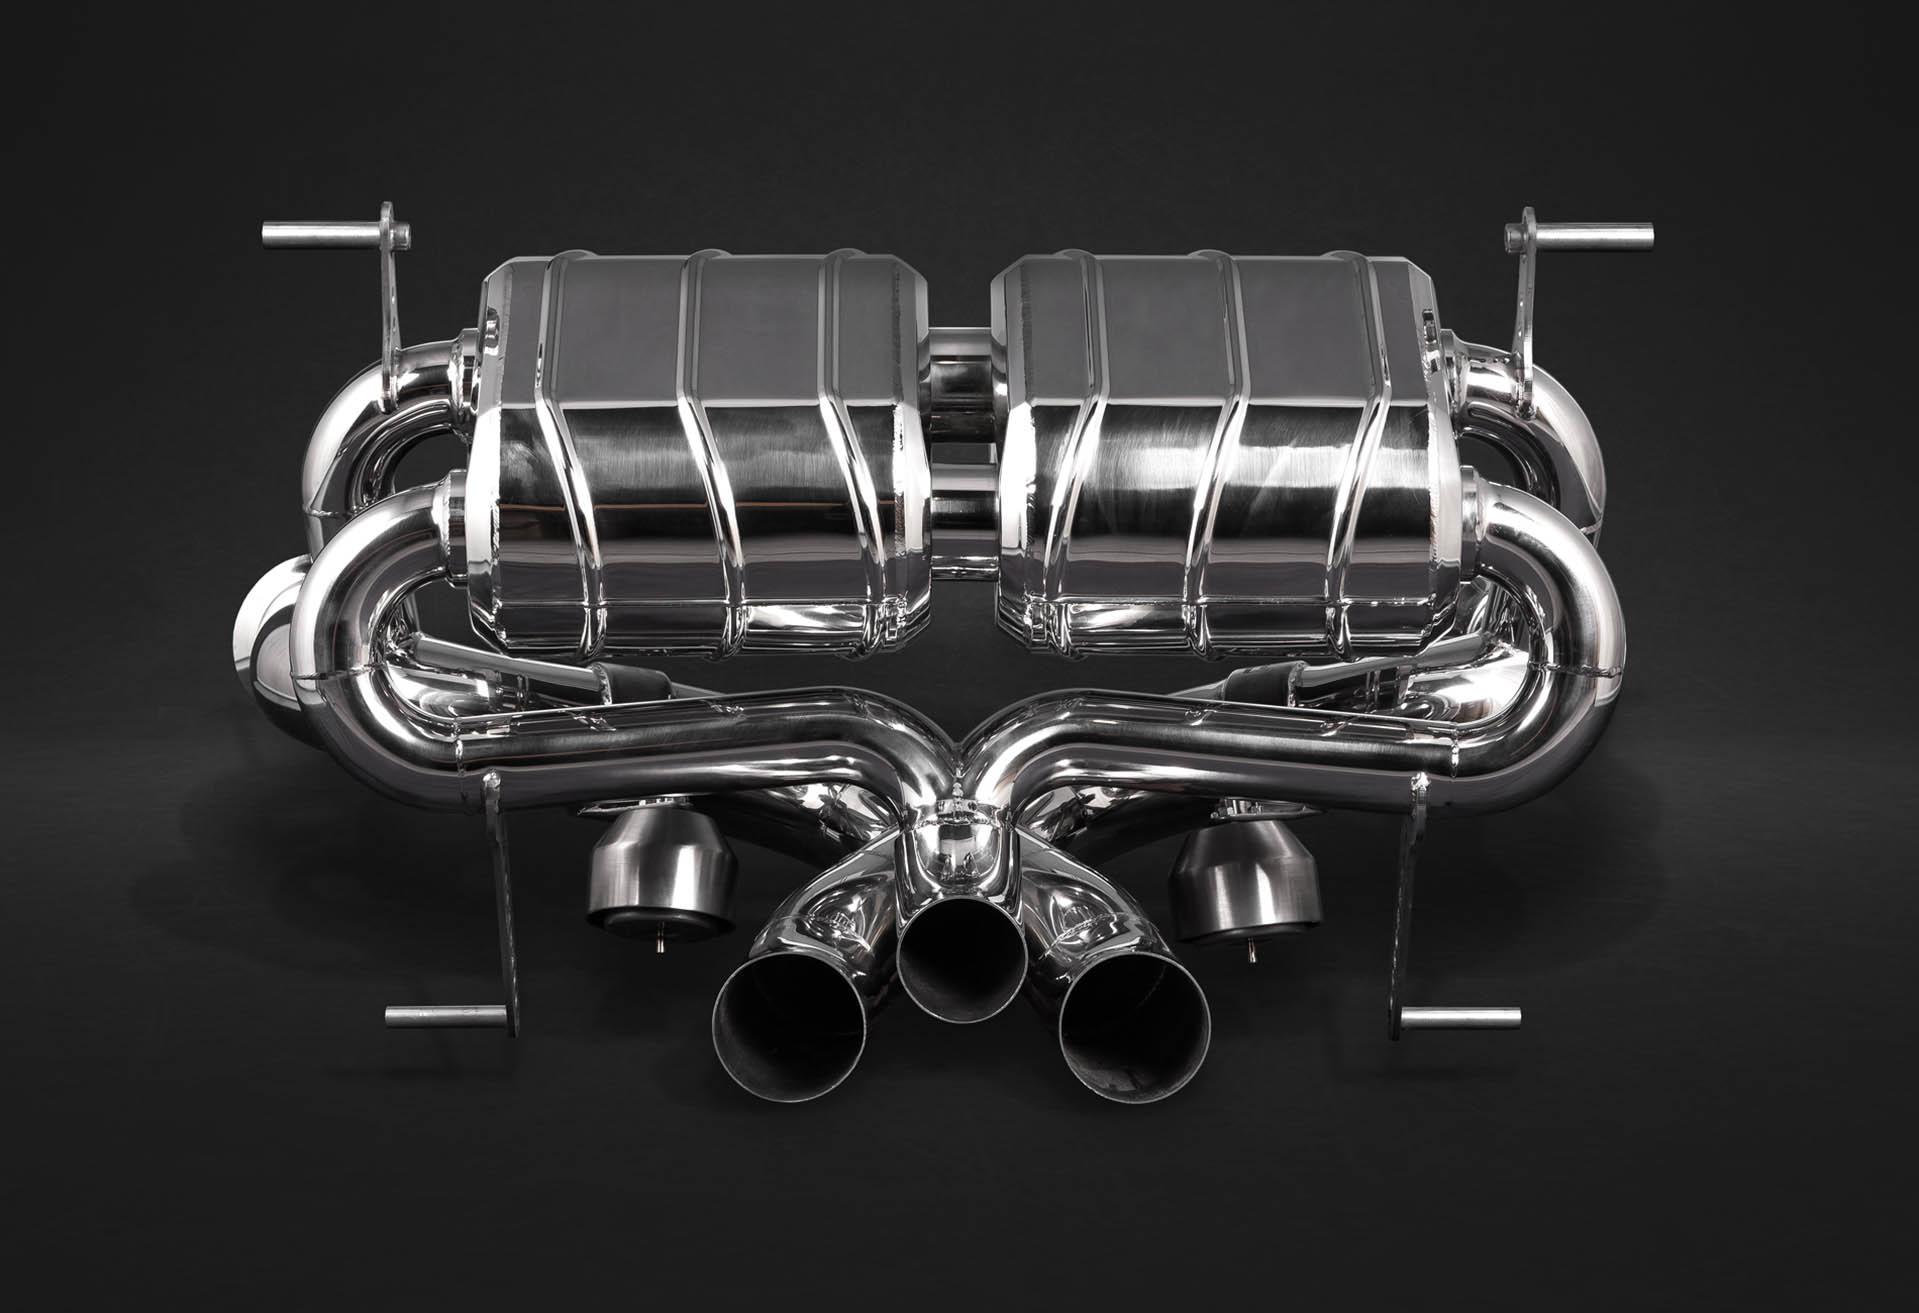 Lamborghini Aventador S Auspuffanlage mit Klappensteuerung